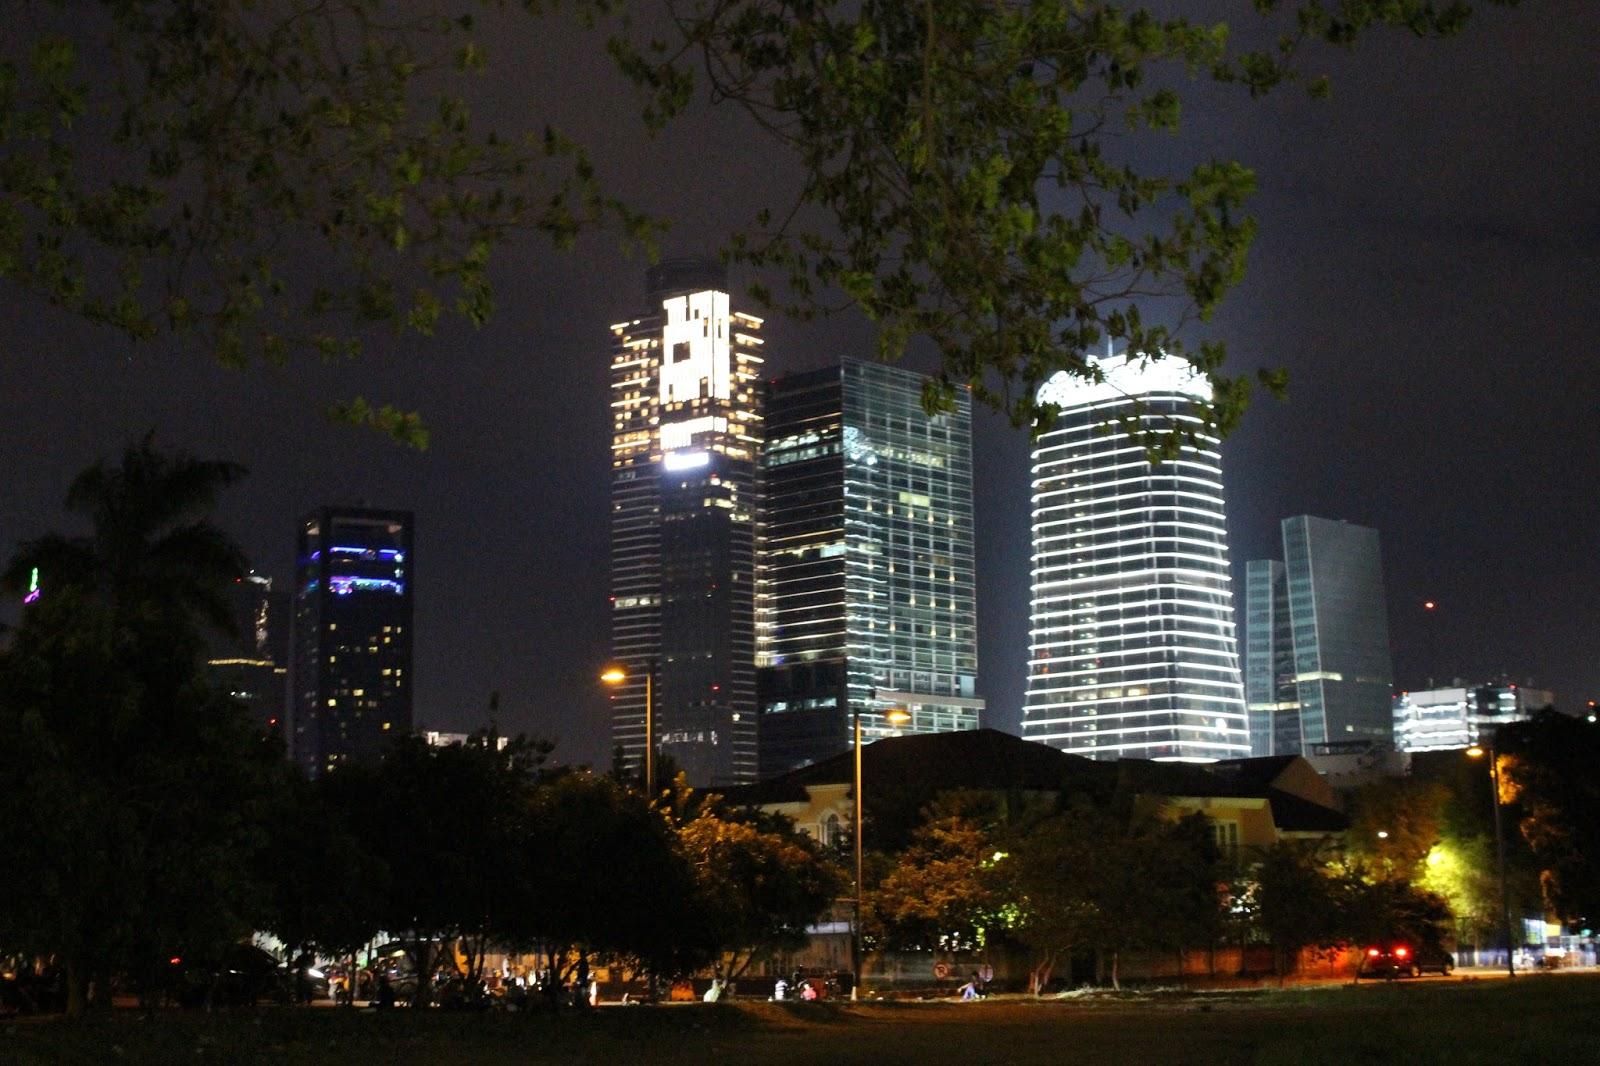 Spot Foto Di Jakarta Pada Malam Hari Yang Keren Abis Yuk Kita Memainkan Cahaya Dengan Kamera Korankusut